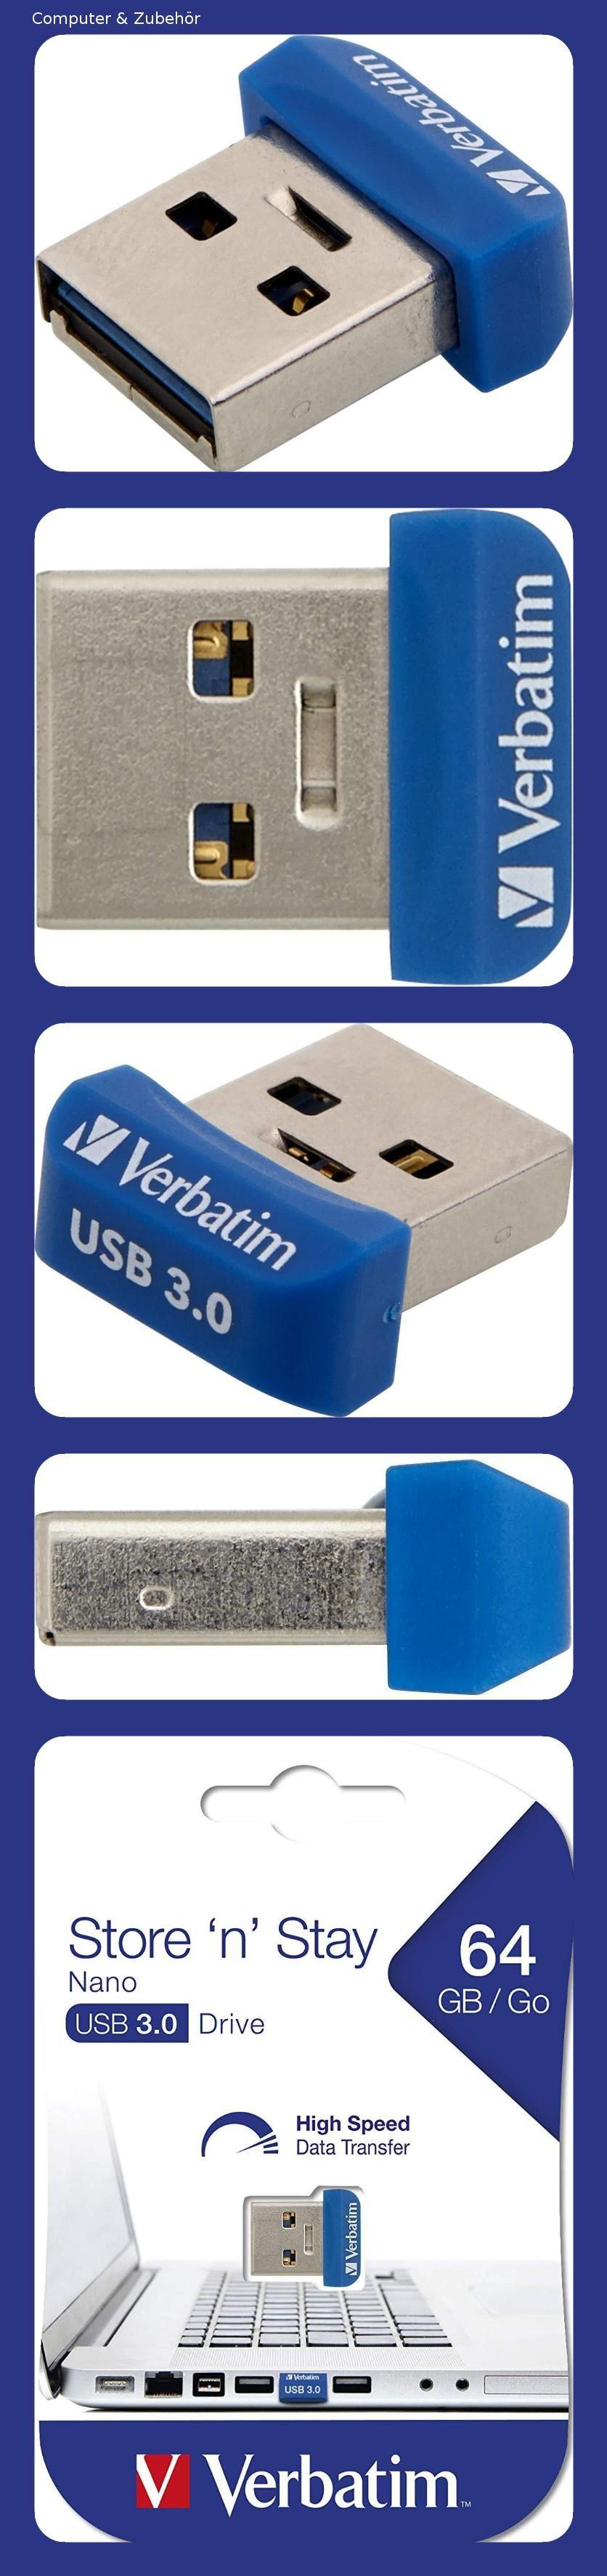 Verbatim Store N Stay Nano Usb 3 0 Stick 64 Gb Kleiner Usb Stick Mit Usb 3 0 Schnittstelle Superflaches Design Blau 98711 Usb Stick Usb Speicherstick